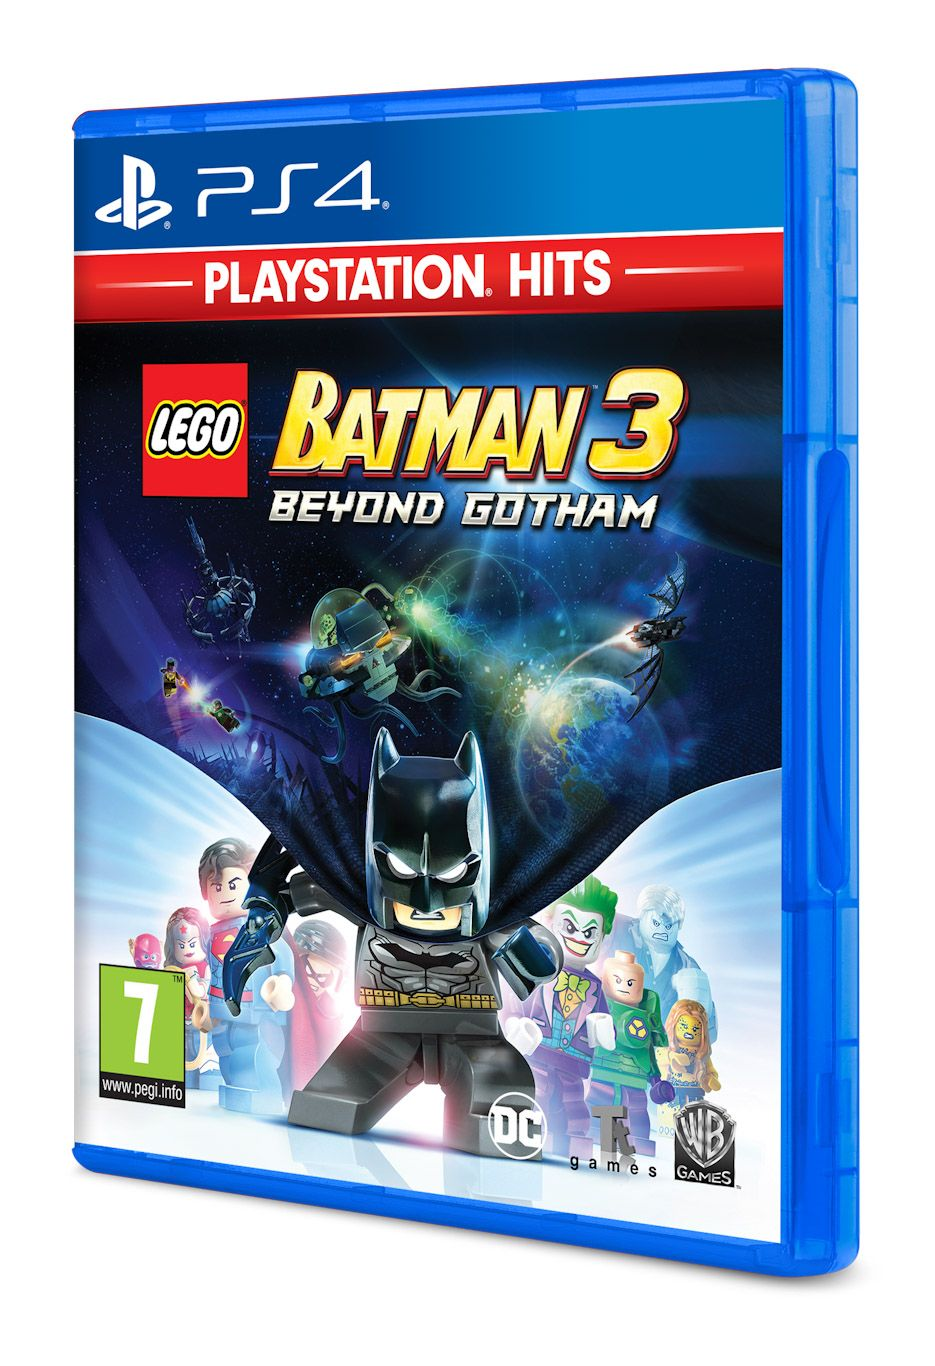 LEGO BATMAN 3: BEYOND GOTHAM PS4 - Warner 1.12.74.21.003